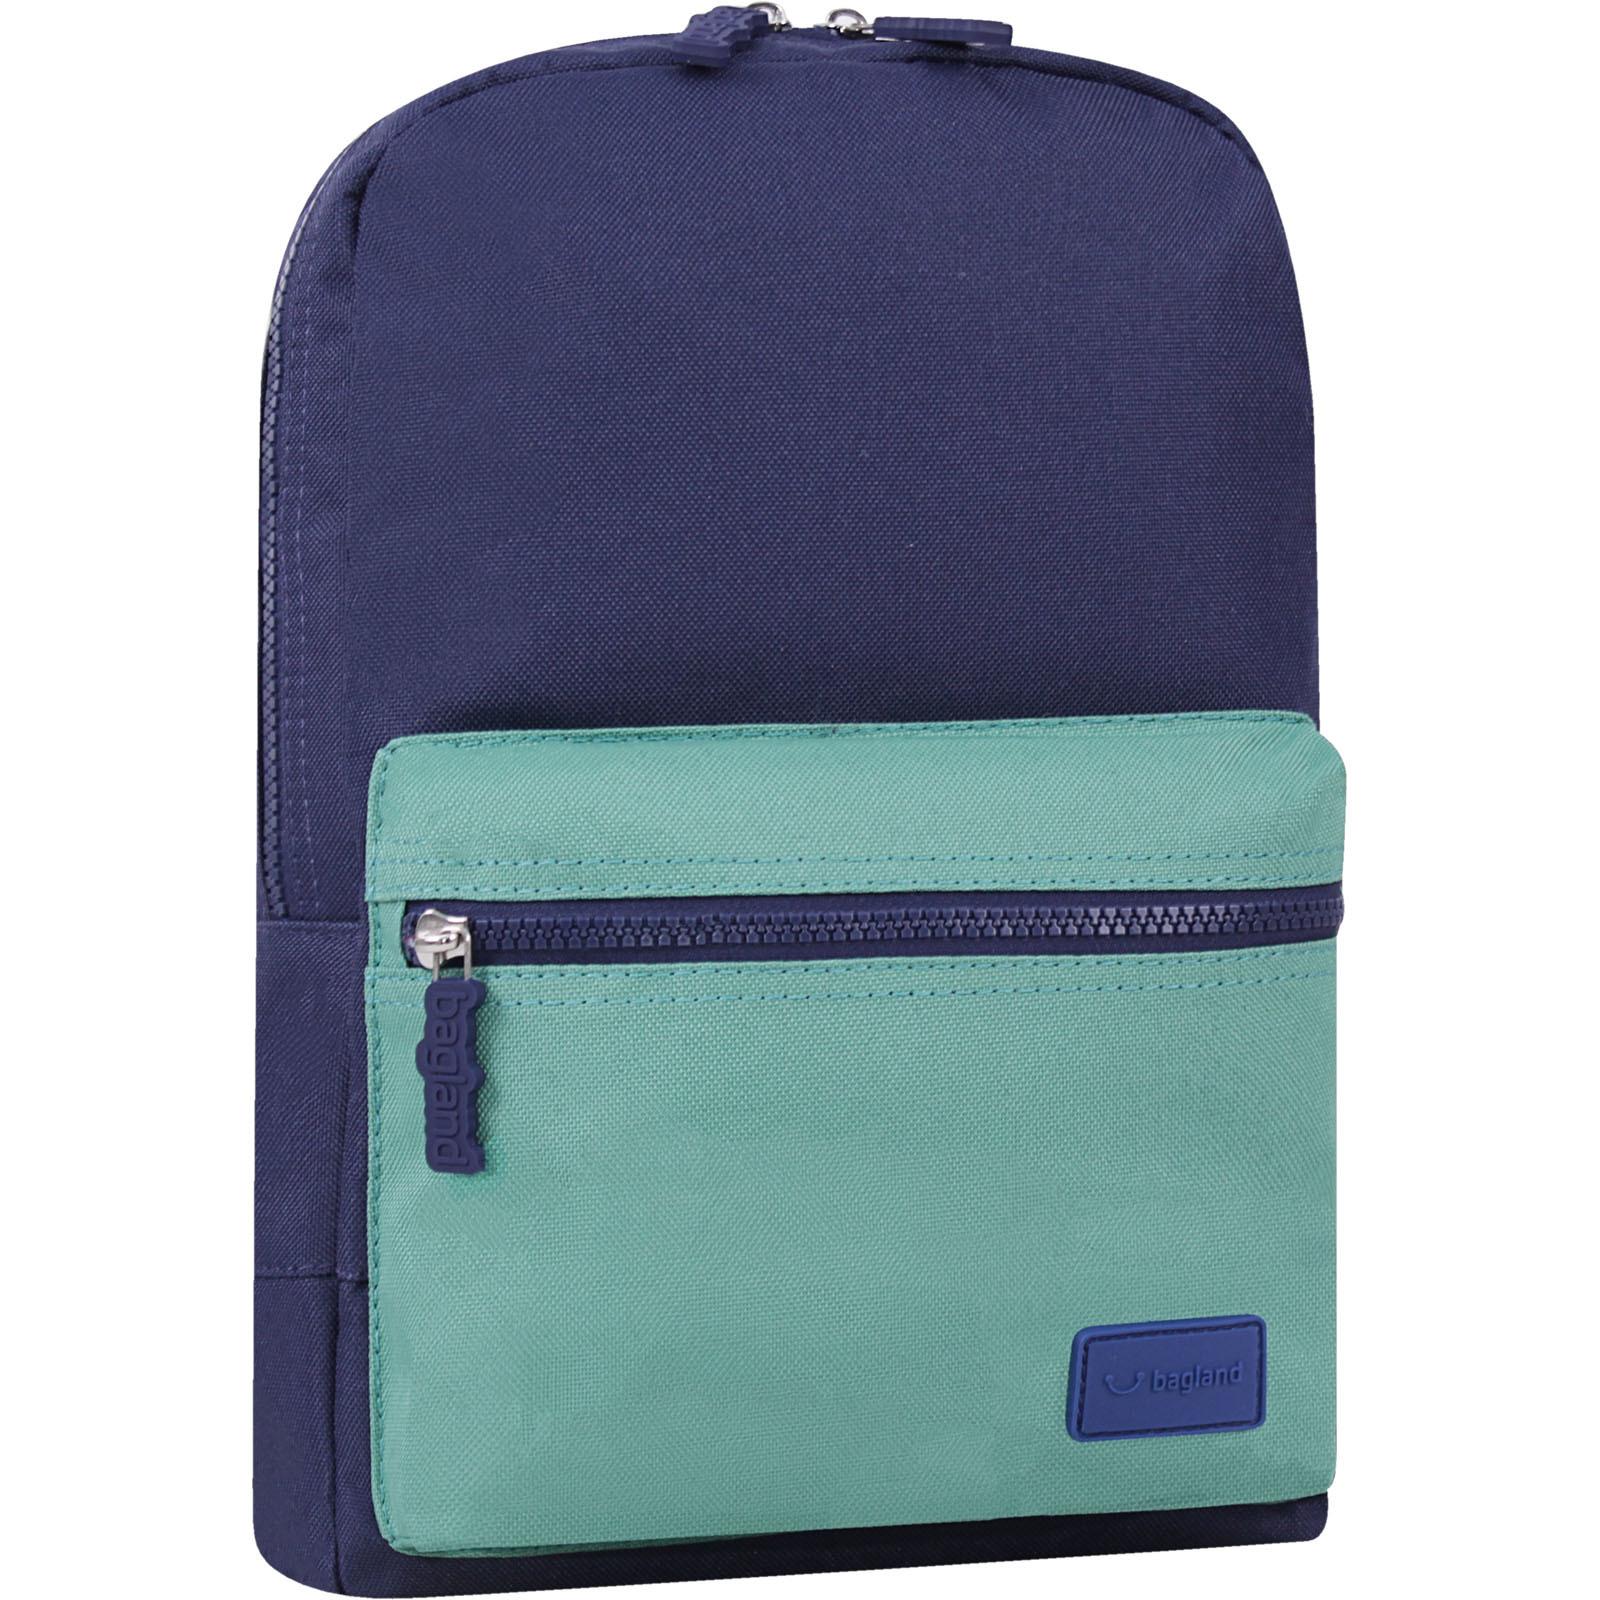 Детские рюкзаки Рюкзак Bagland Молодежный mini 8 л. чернильный/зеленый (0050866) IMG_6811-1600.jpg